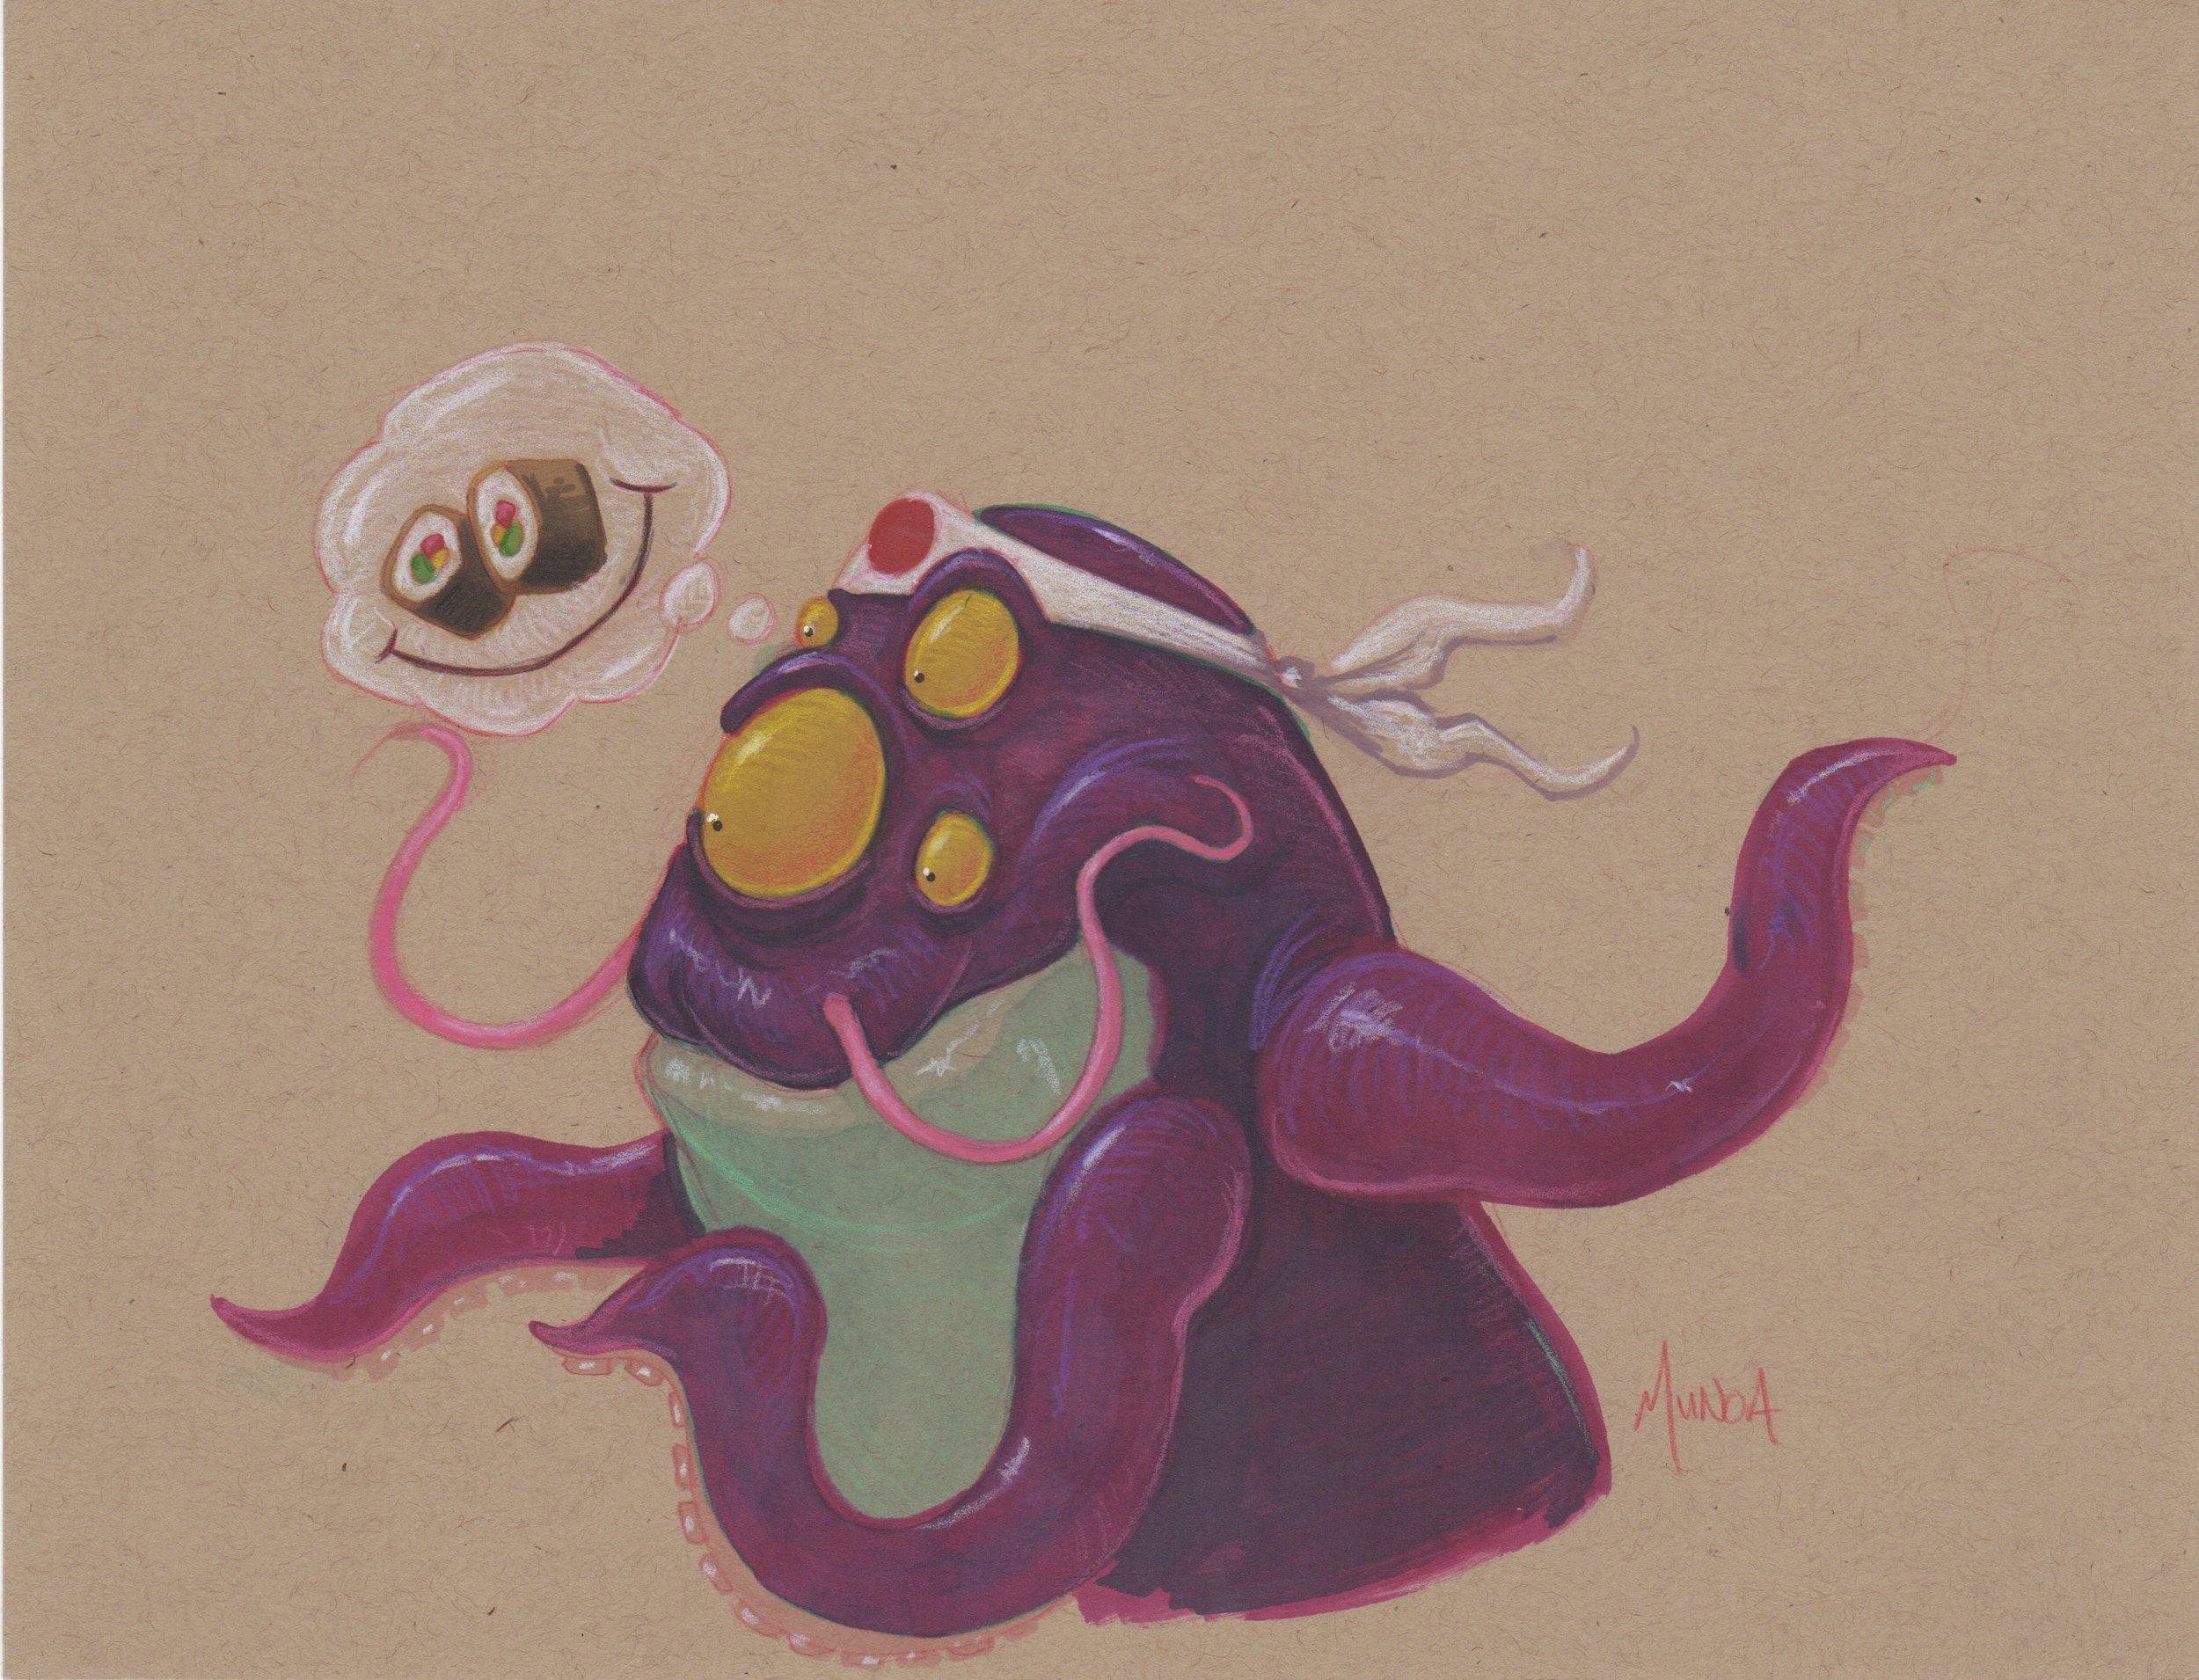 sushi_monster-sketch.jpeg